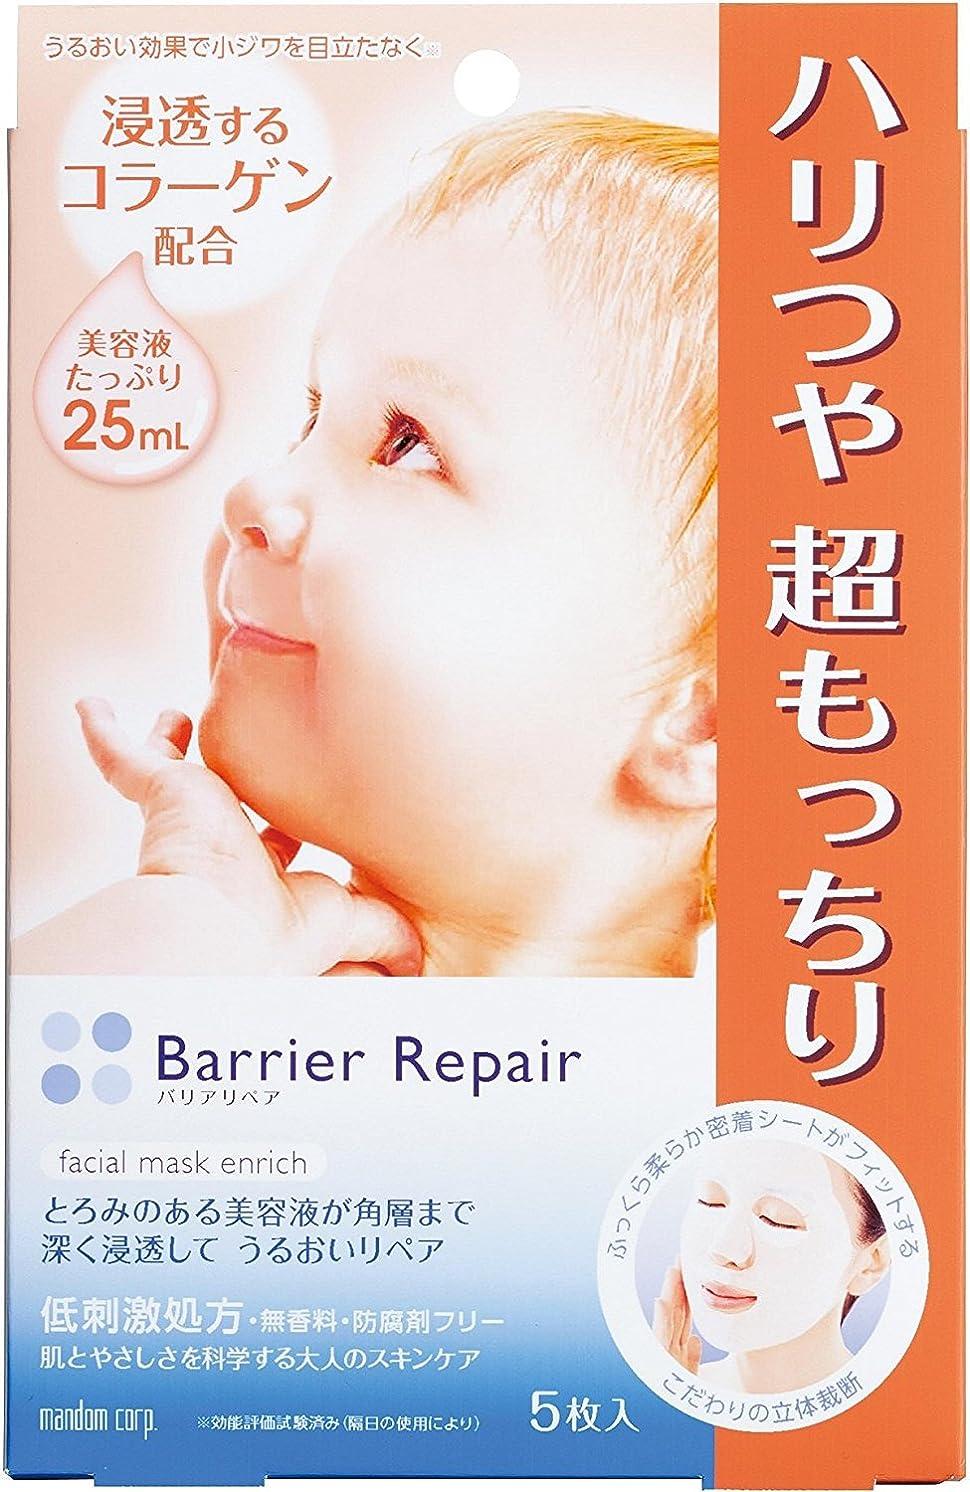 ヘッジチューリップ移動Barrier Repair (バリアリペア) シートマスク (コラーゲン) ハリ?つや超もっちりタイプ 5枚